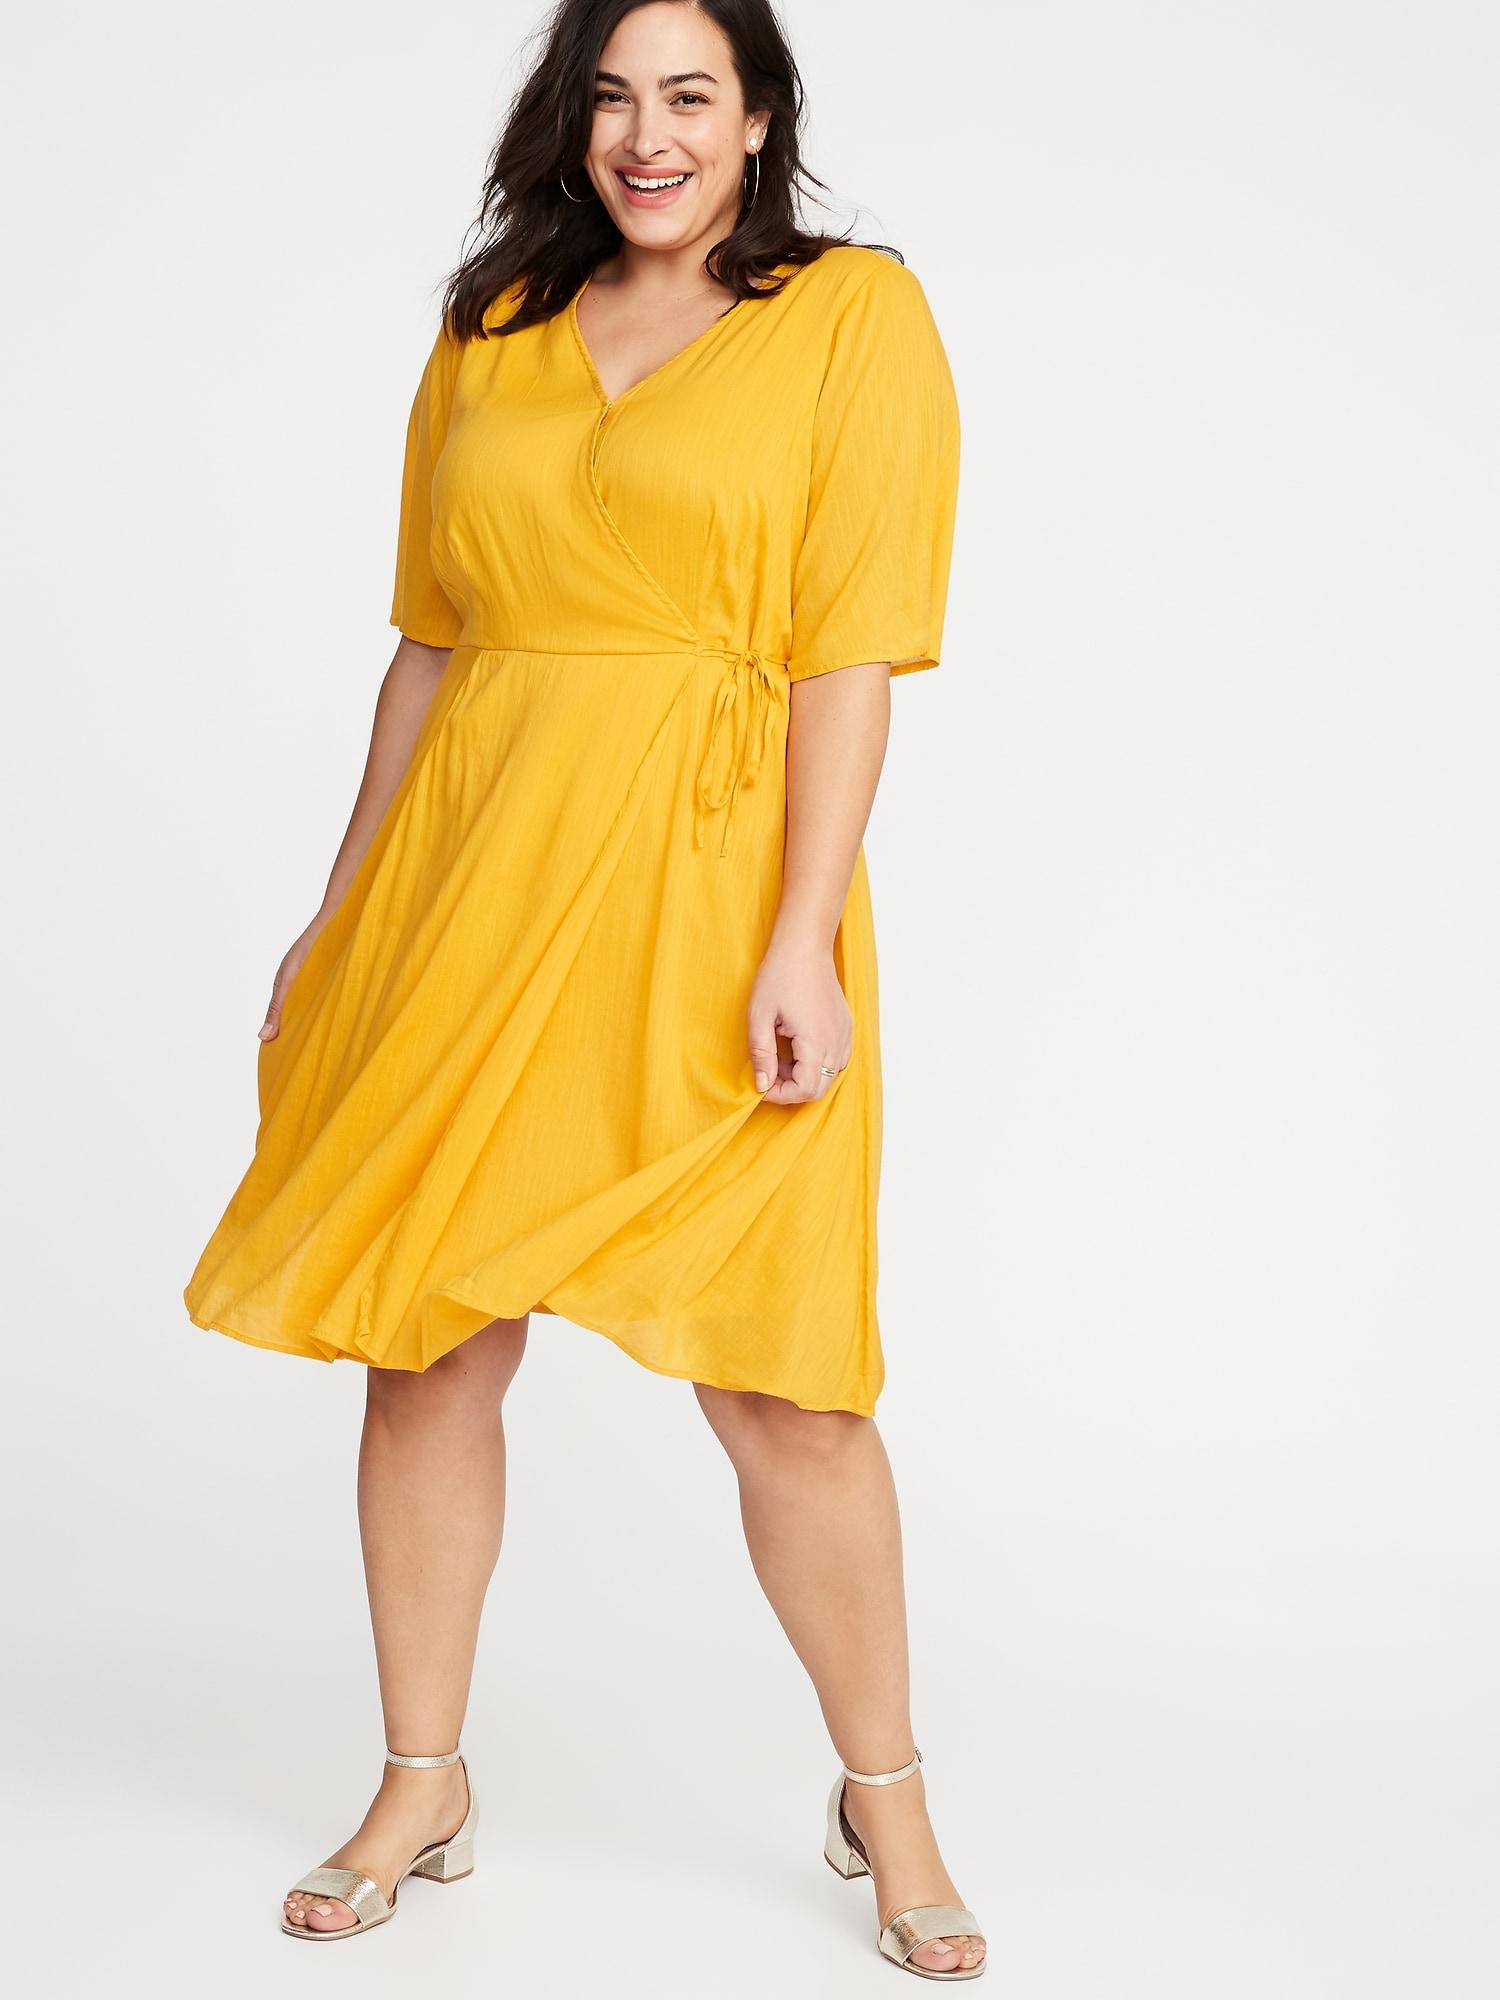 918af578b5d Faux-Wrap Waist-Defined Plus-Size Dress